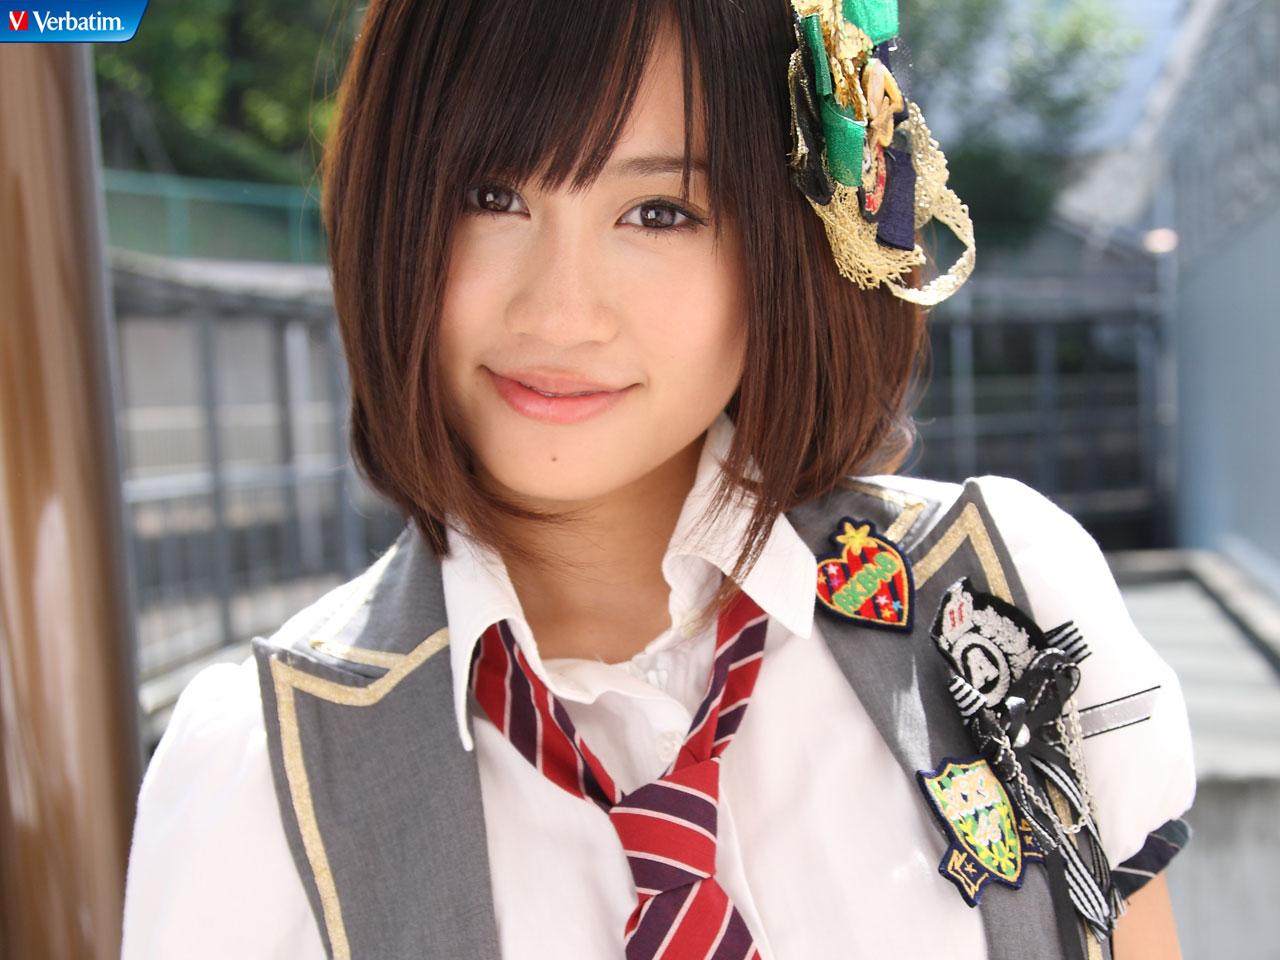 前田敦子 画像 22